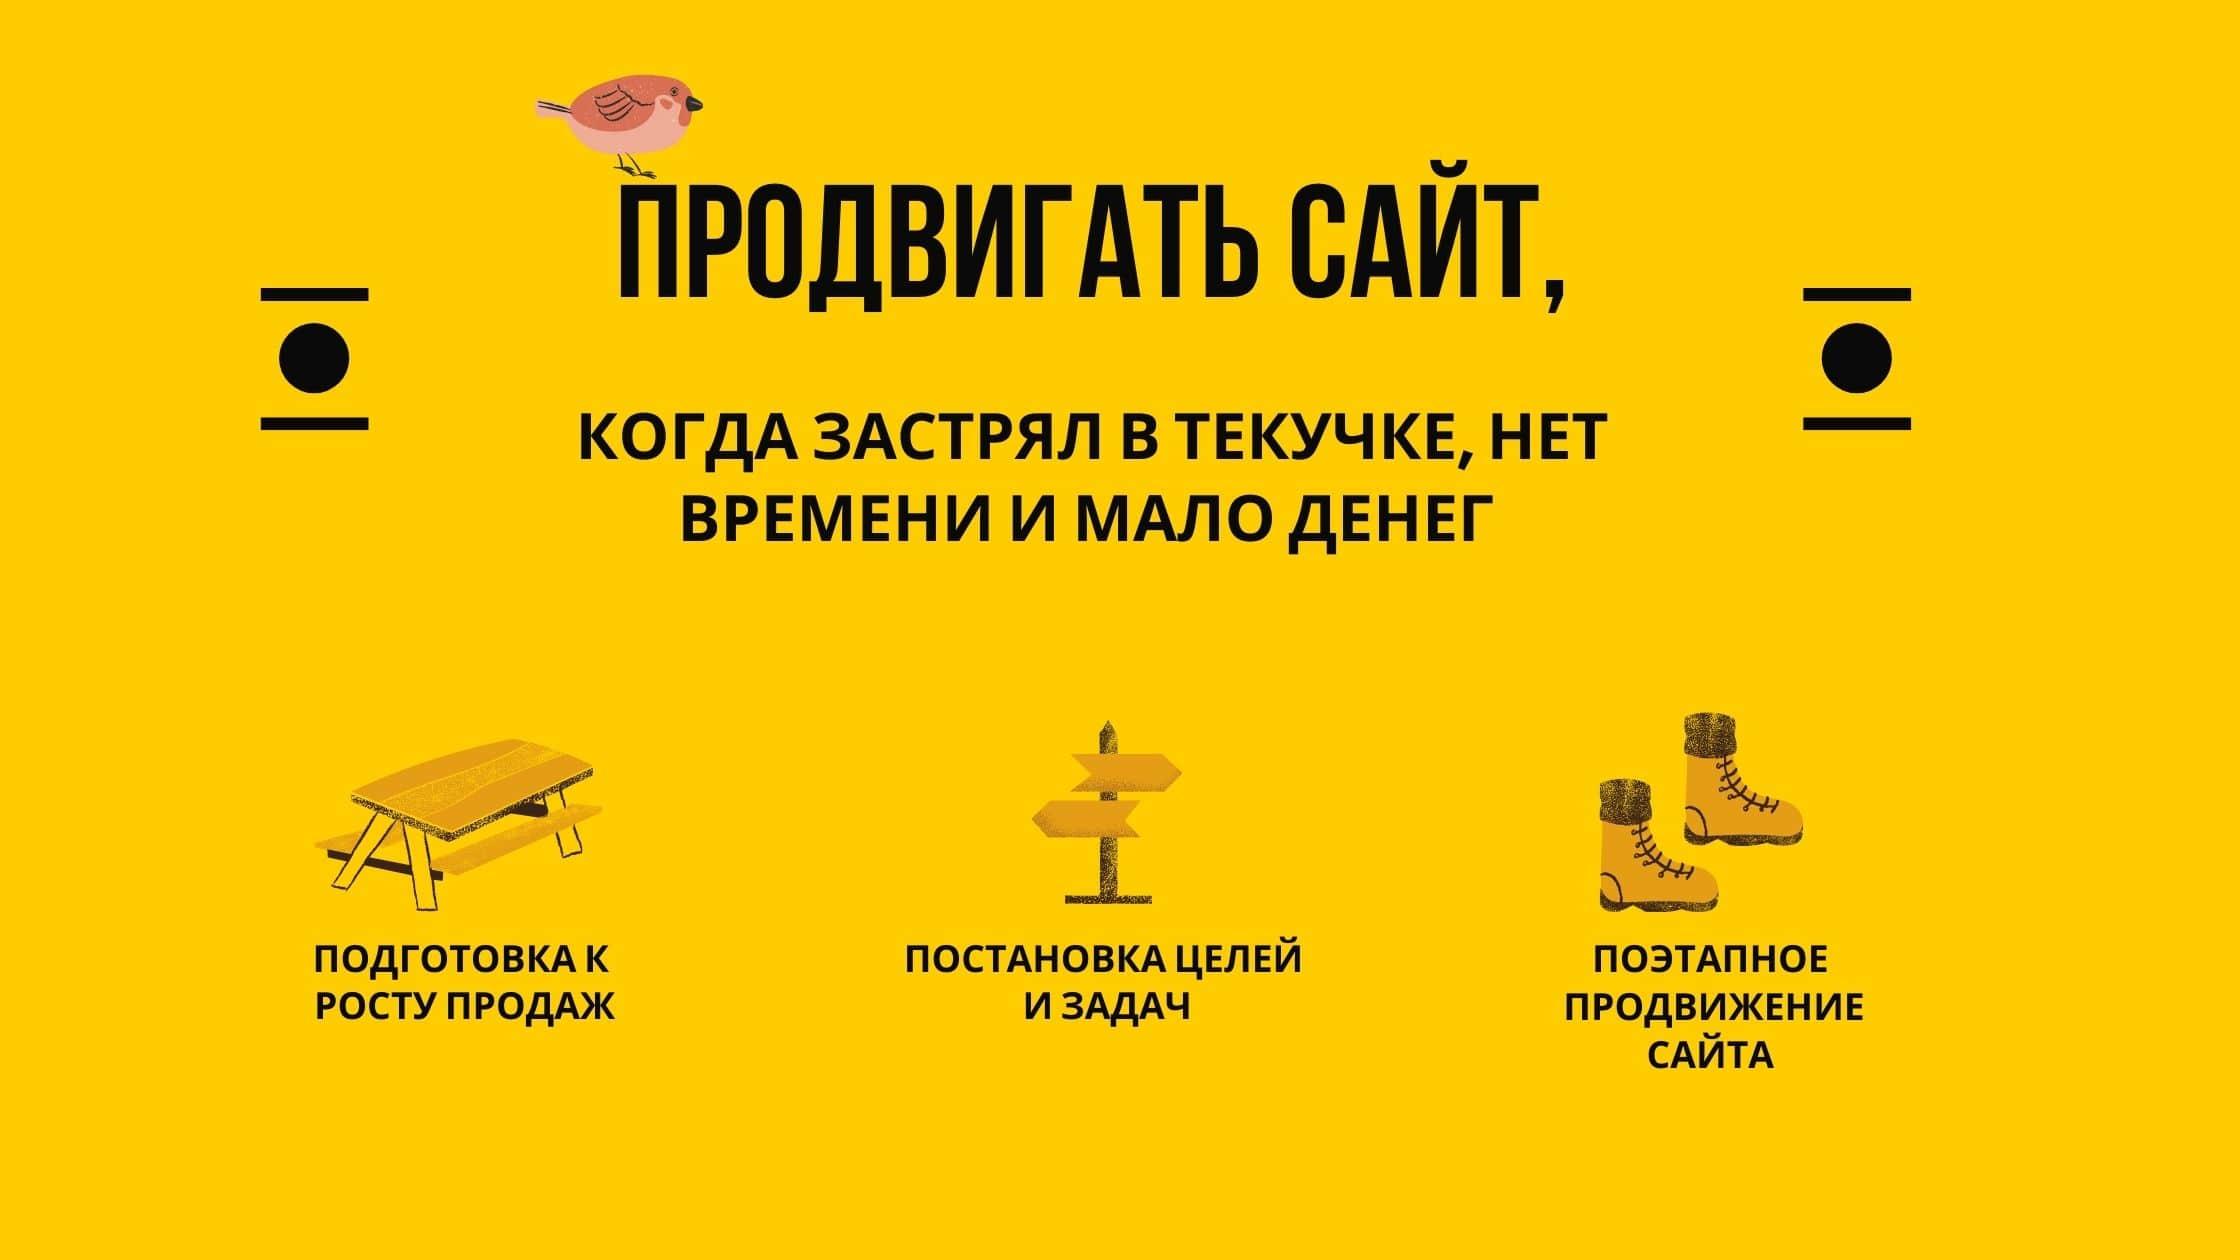 Продвижение сайта в интернете, план работ